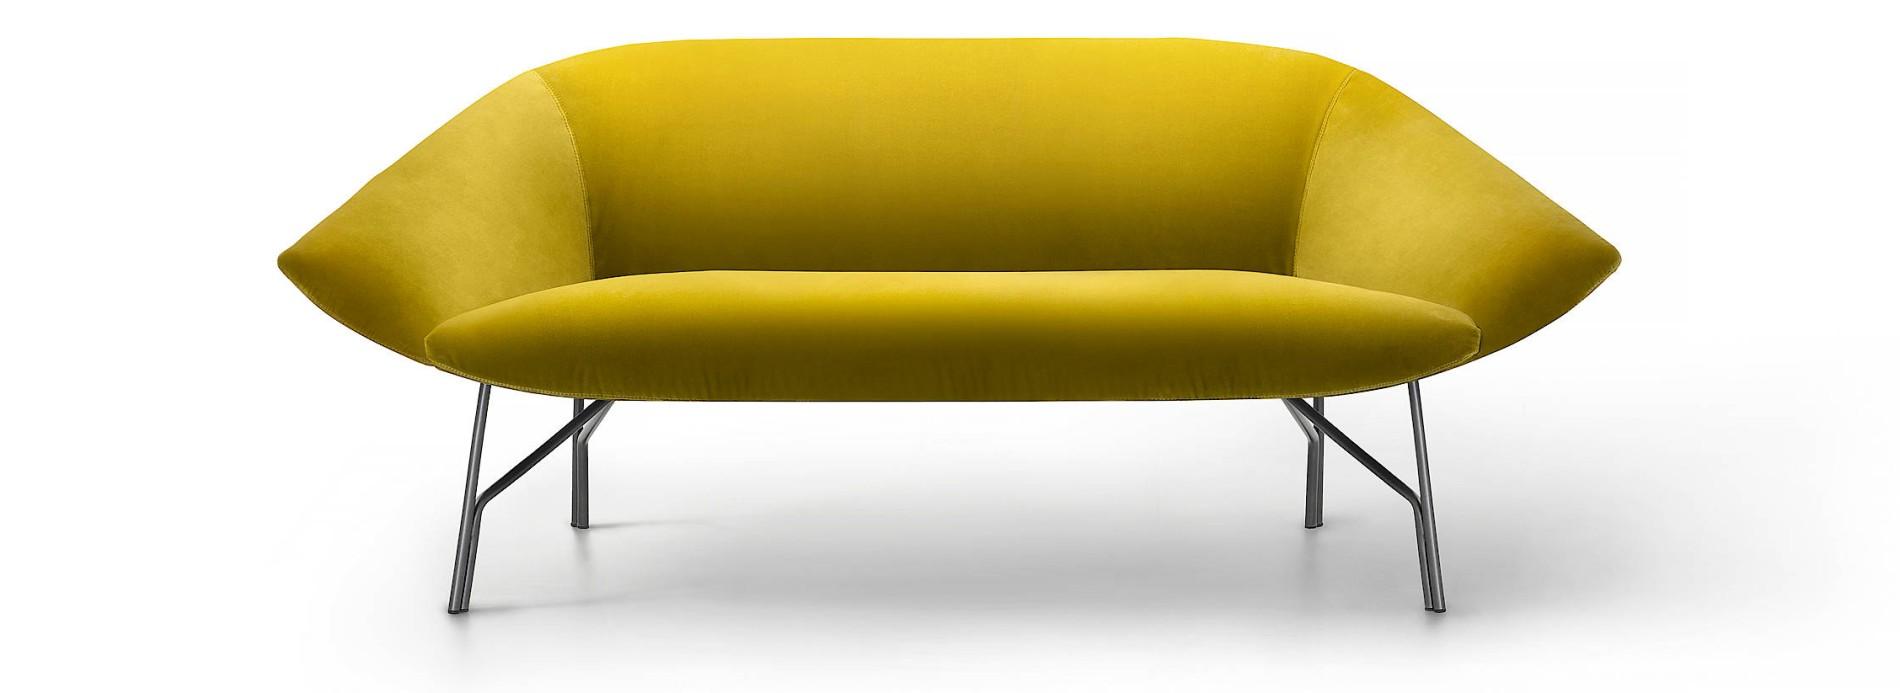 Das Sofa, Das Aus Den Fünfziger Jahren Zu Stammen Scheint, Hat In Wahrheit  Der 1966 In Malta Geborene Designer Gordon Guillaumier Für Den  Italienischen ...